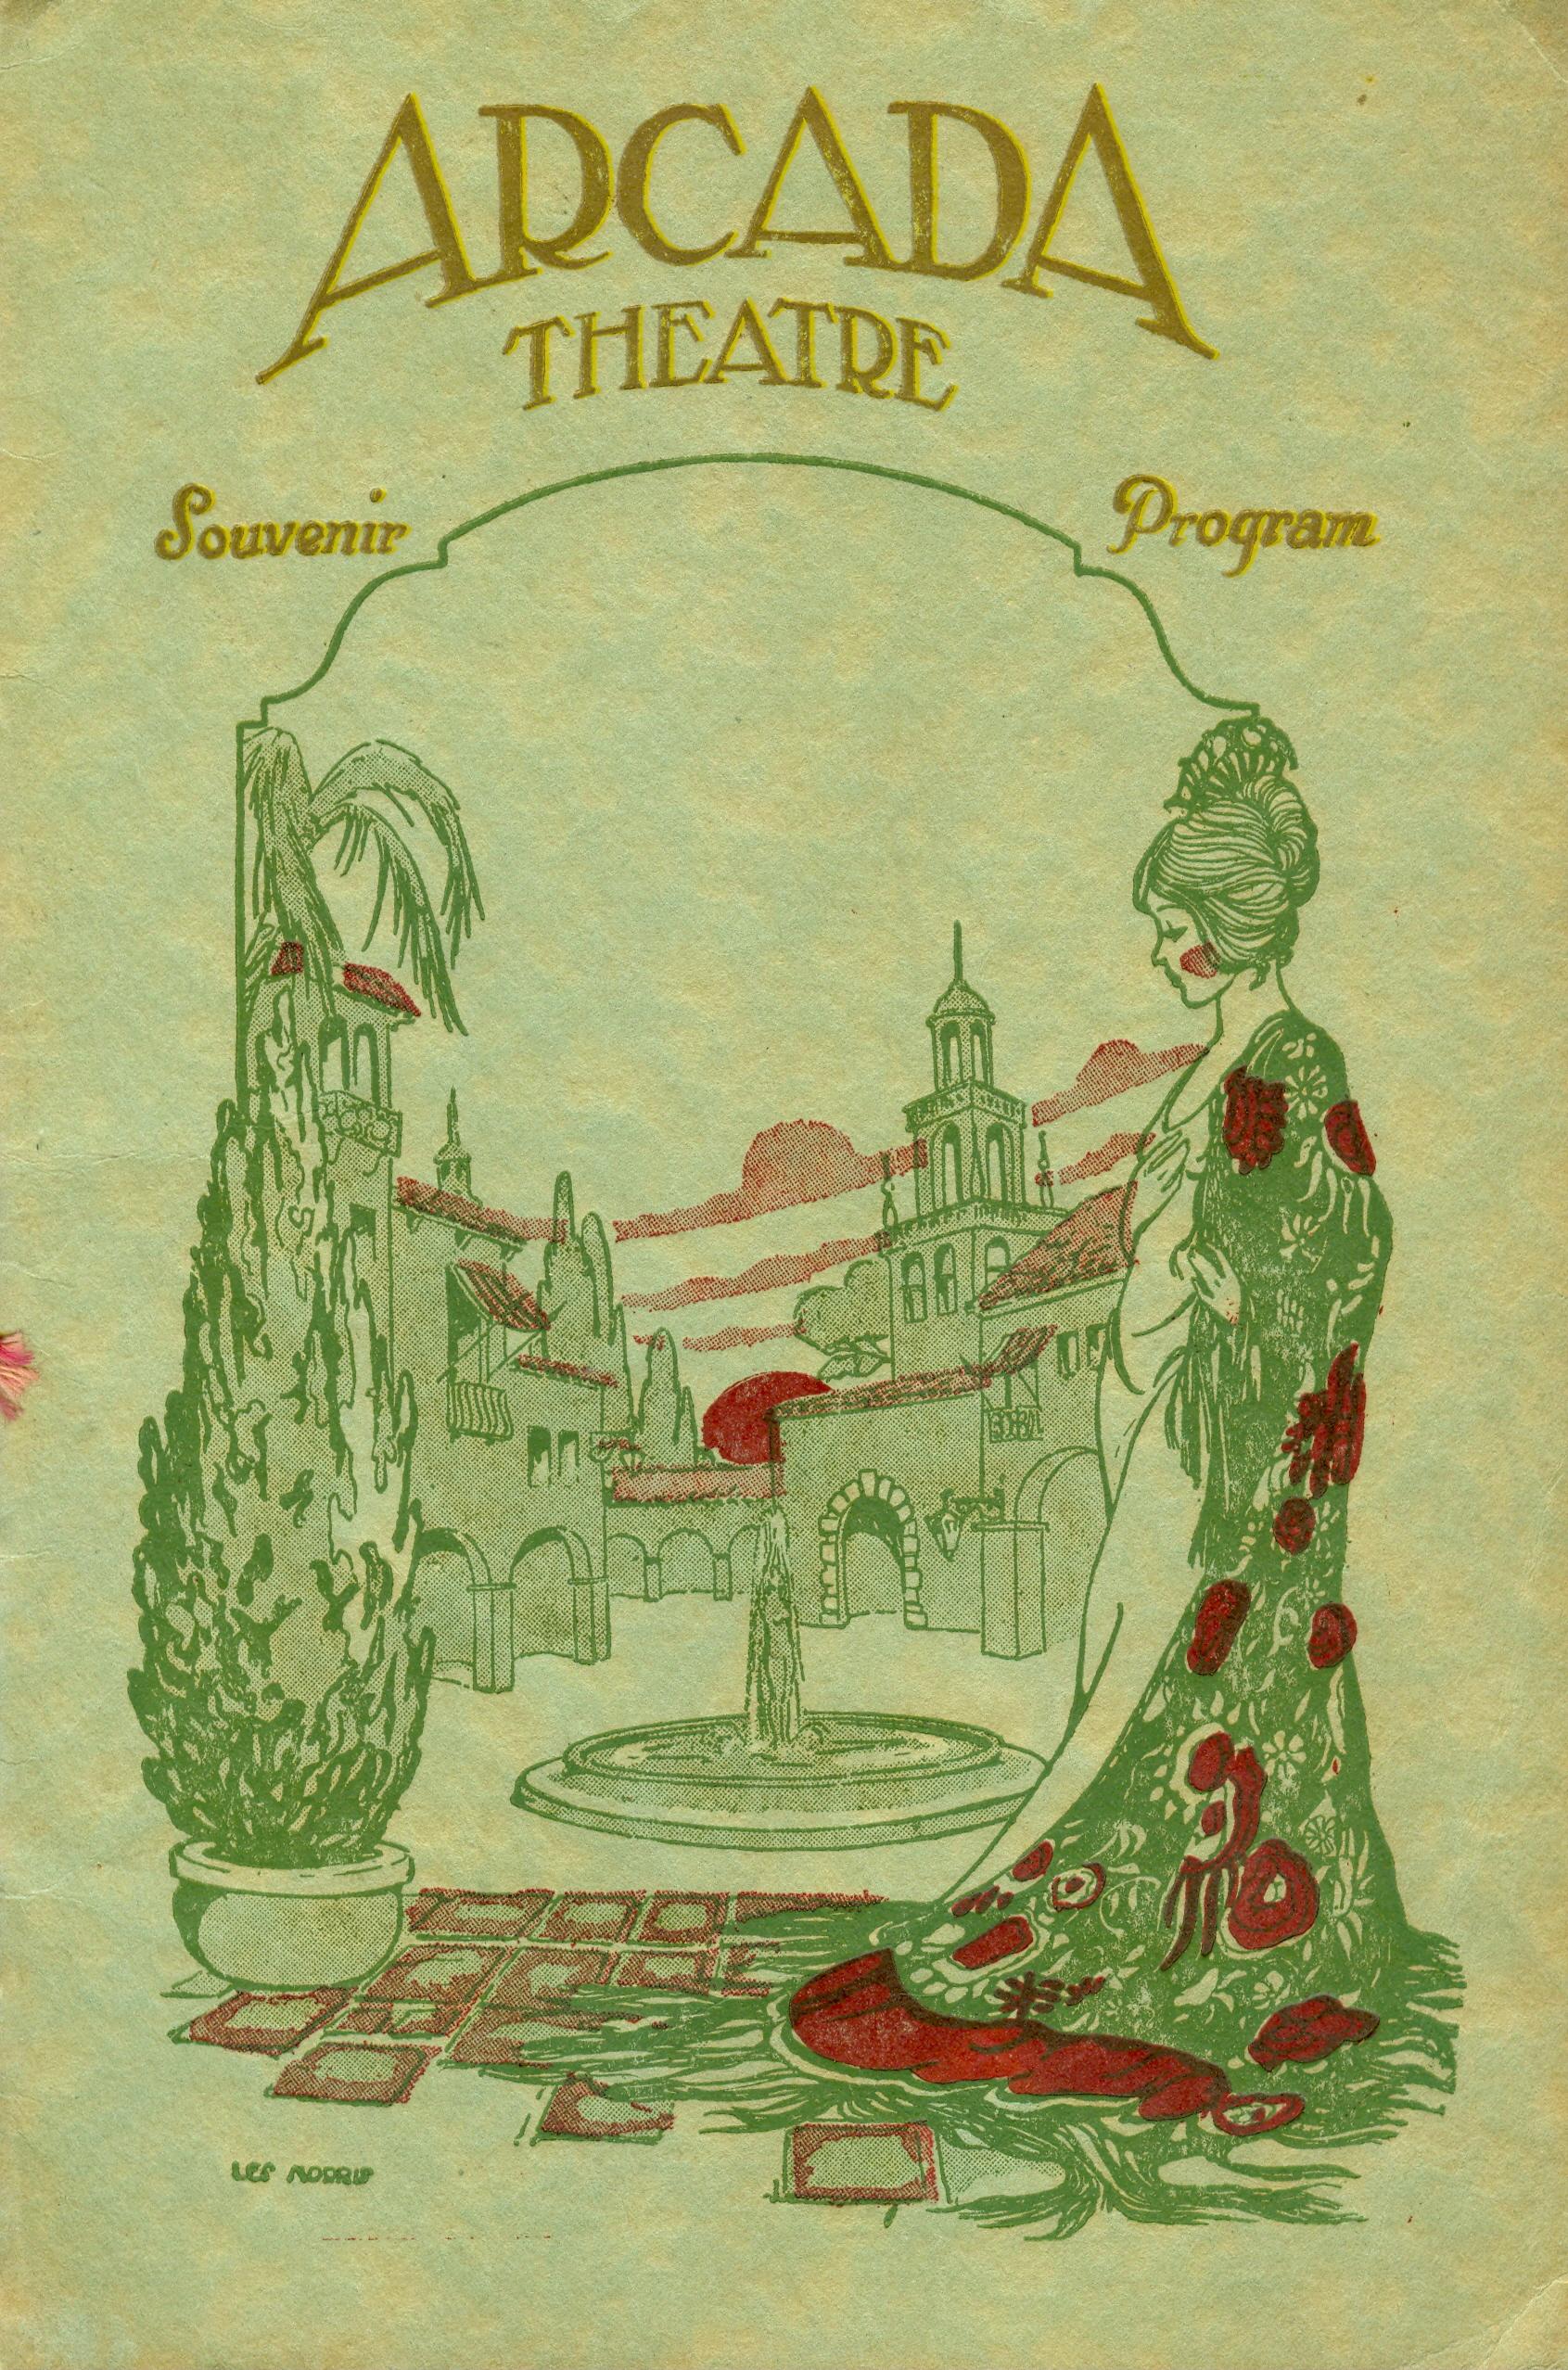 Arcada Theater Souvenir Brochure